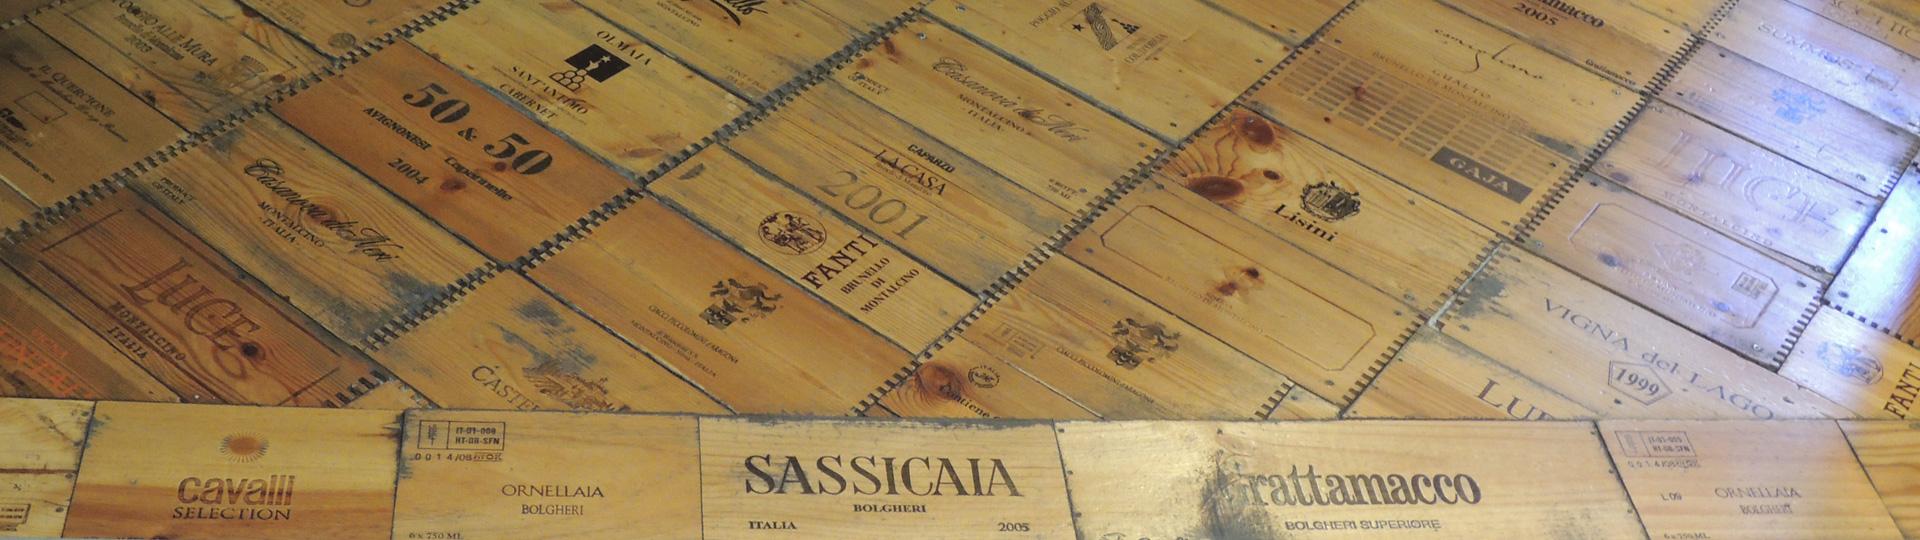 Houtenvloer van wijnkisten in Montalcino